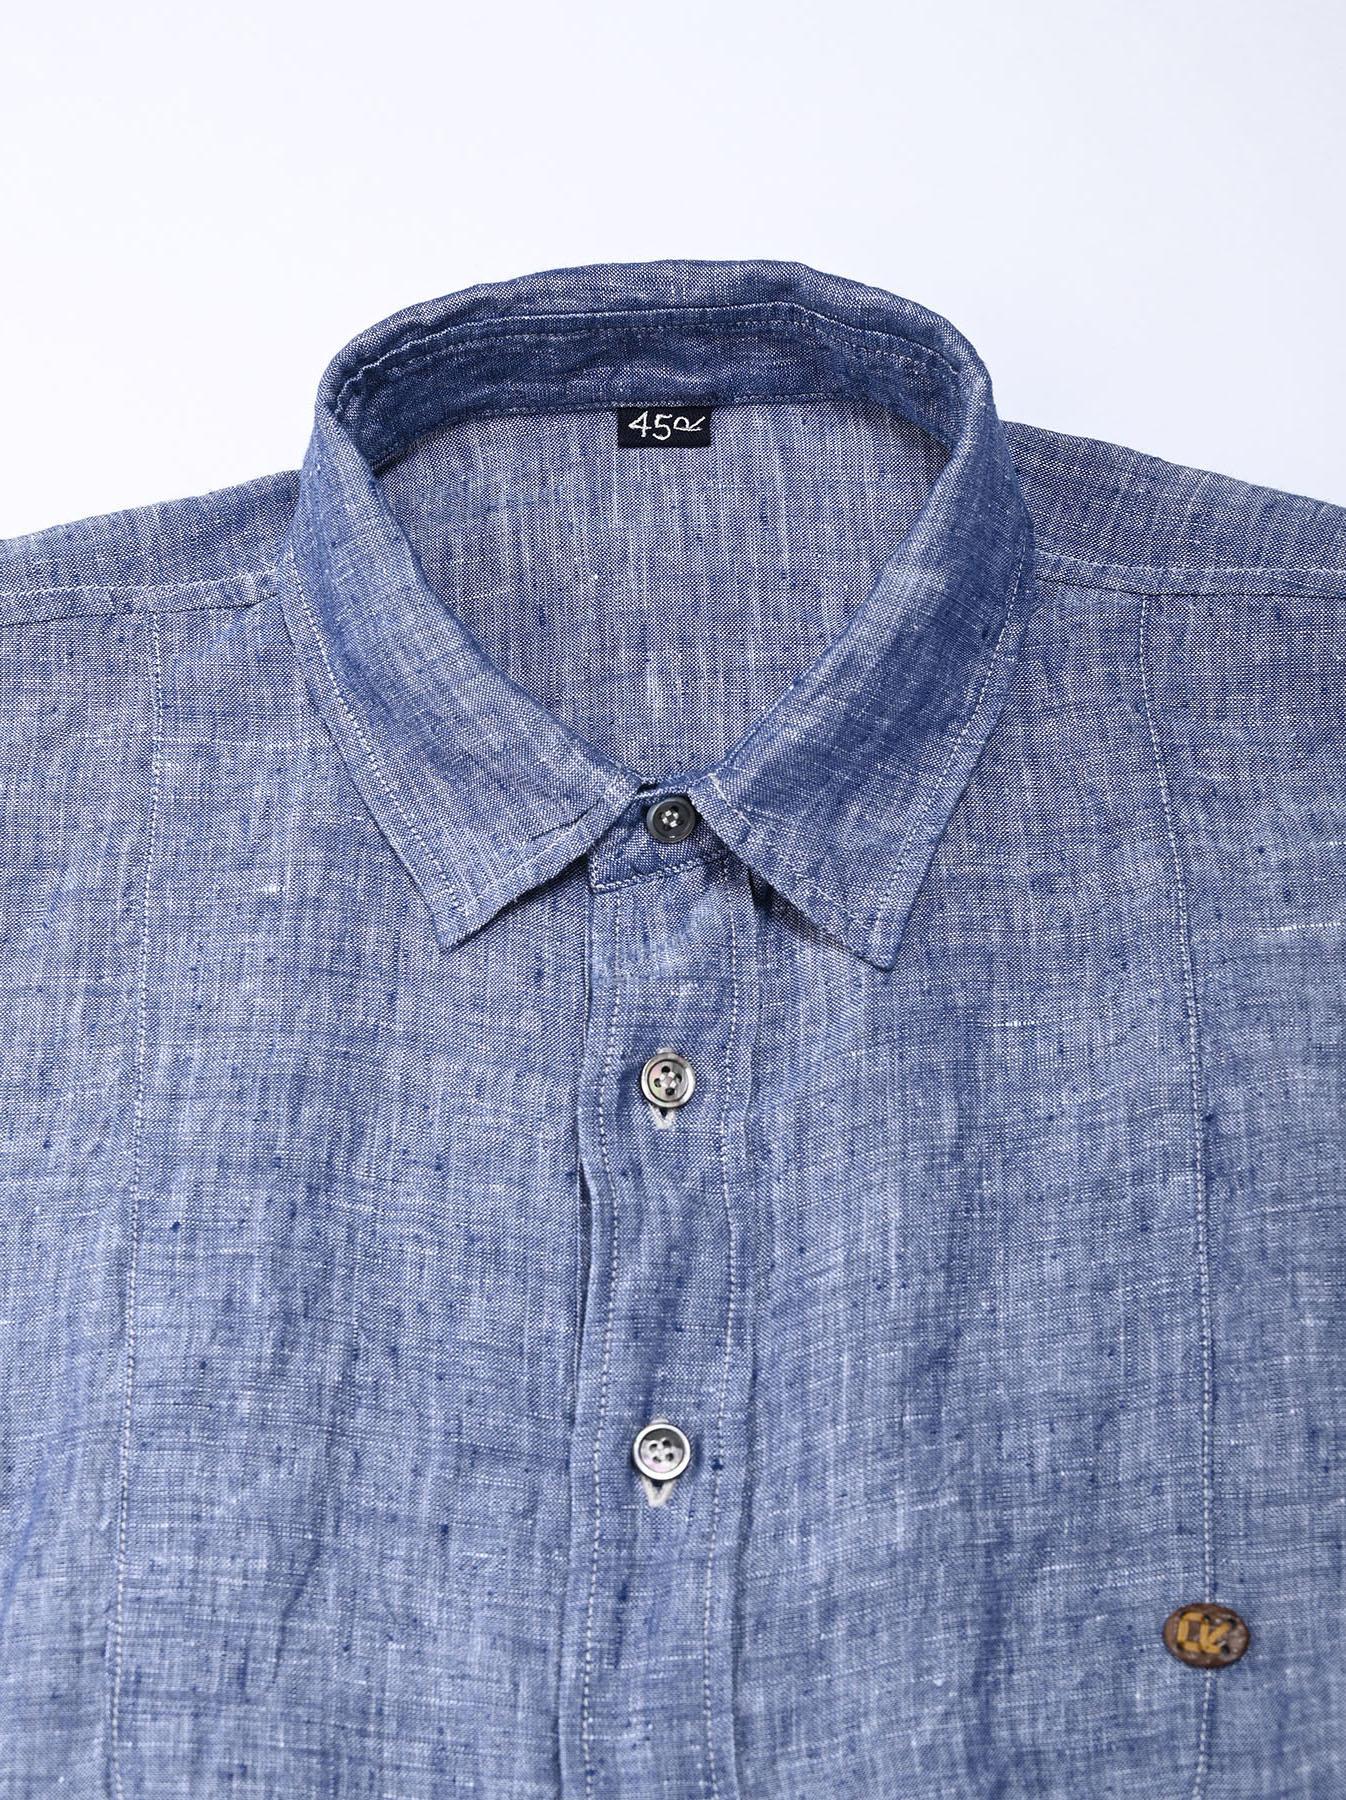 Indian Linen Big Dress (0421)-5